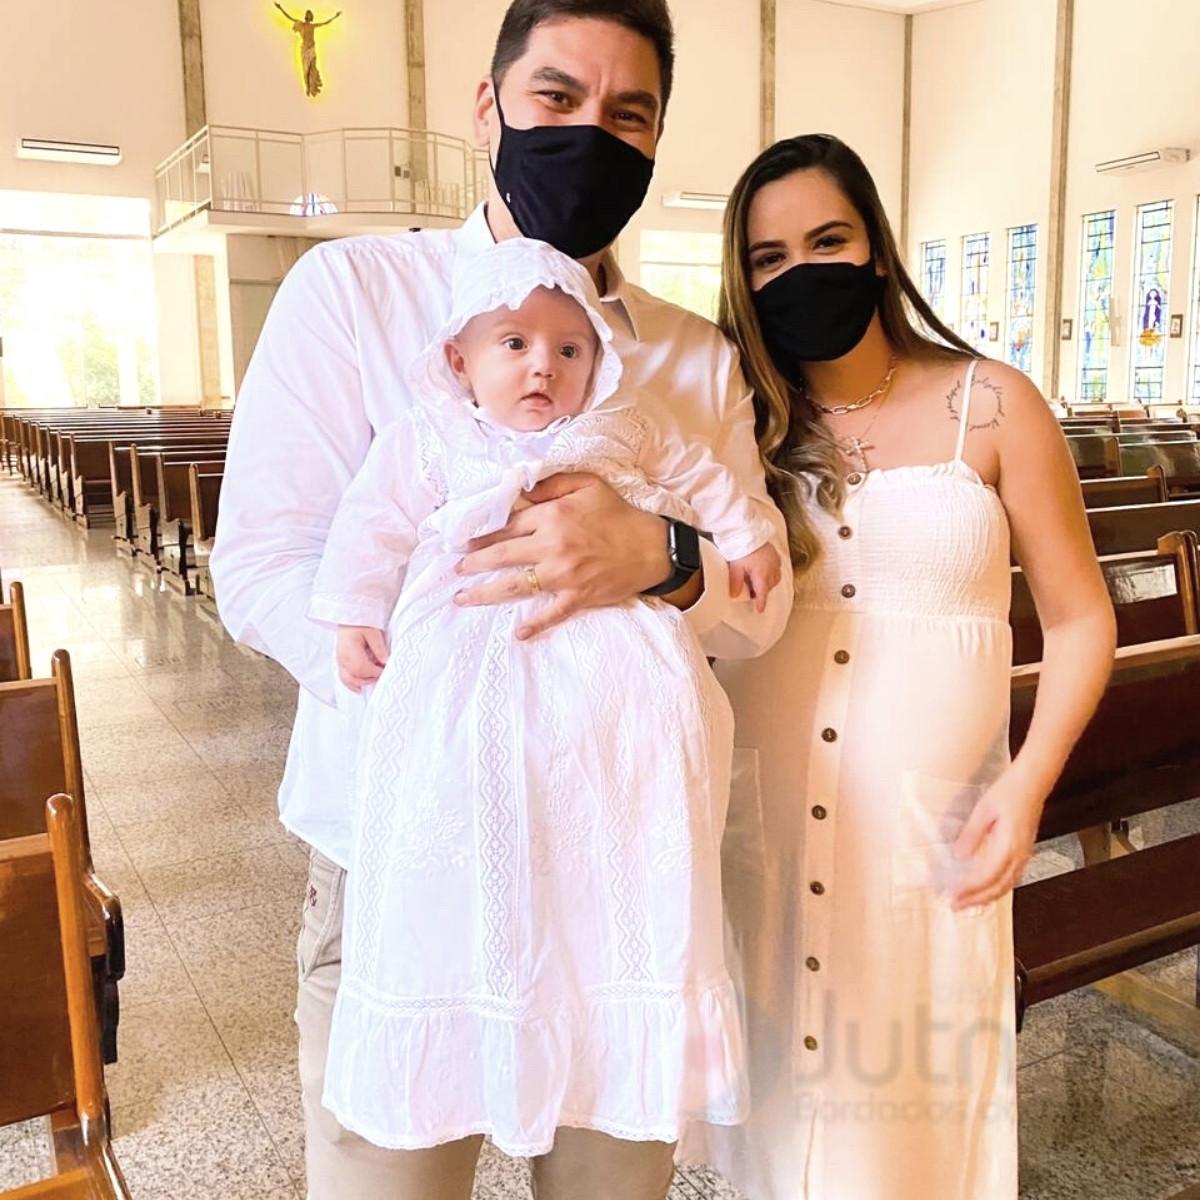 Mandrião para Batismo Manga Longa em Renda Paraíba  - Bordados do Ceará - Jutnet